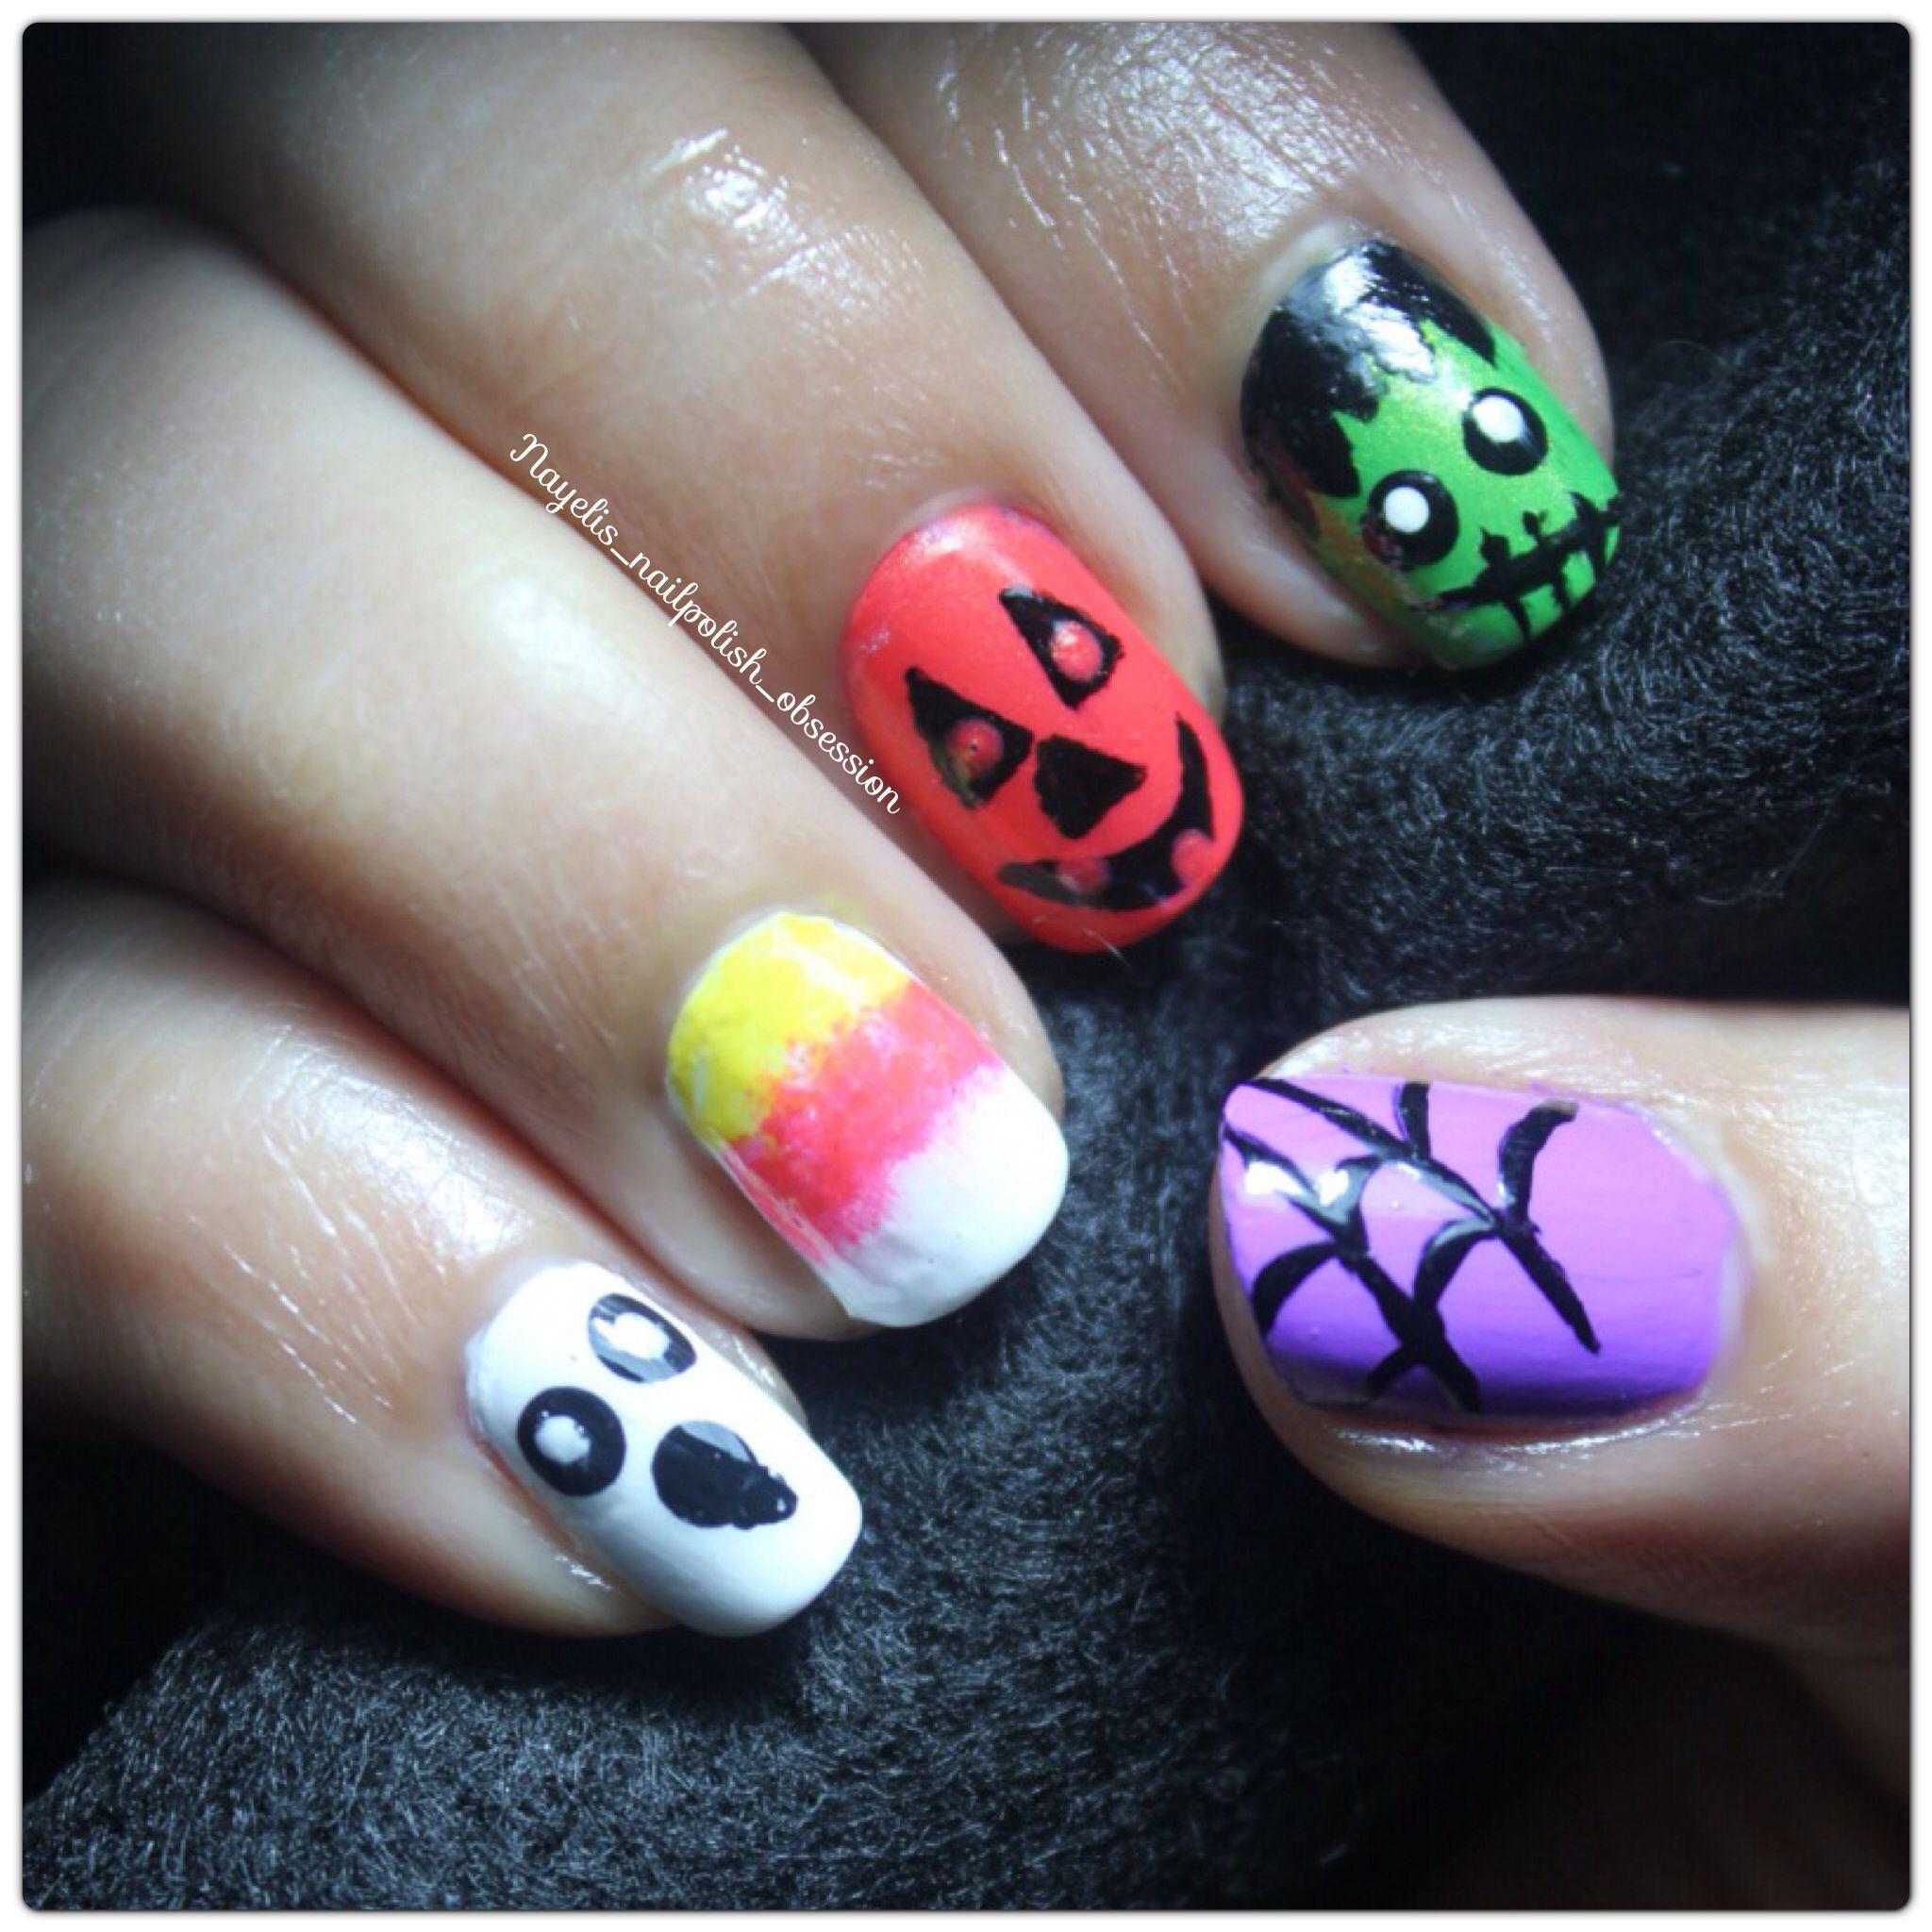 halloween nail art recreation from cutepolish | nail art and nail